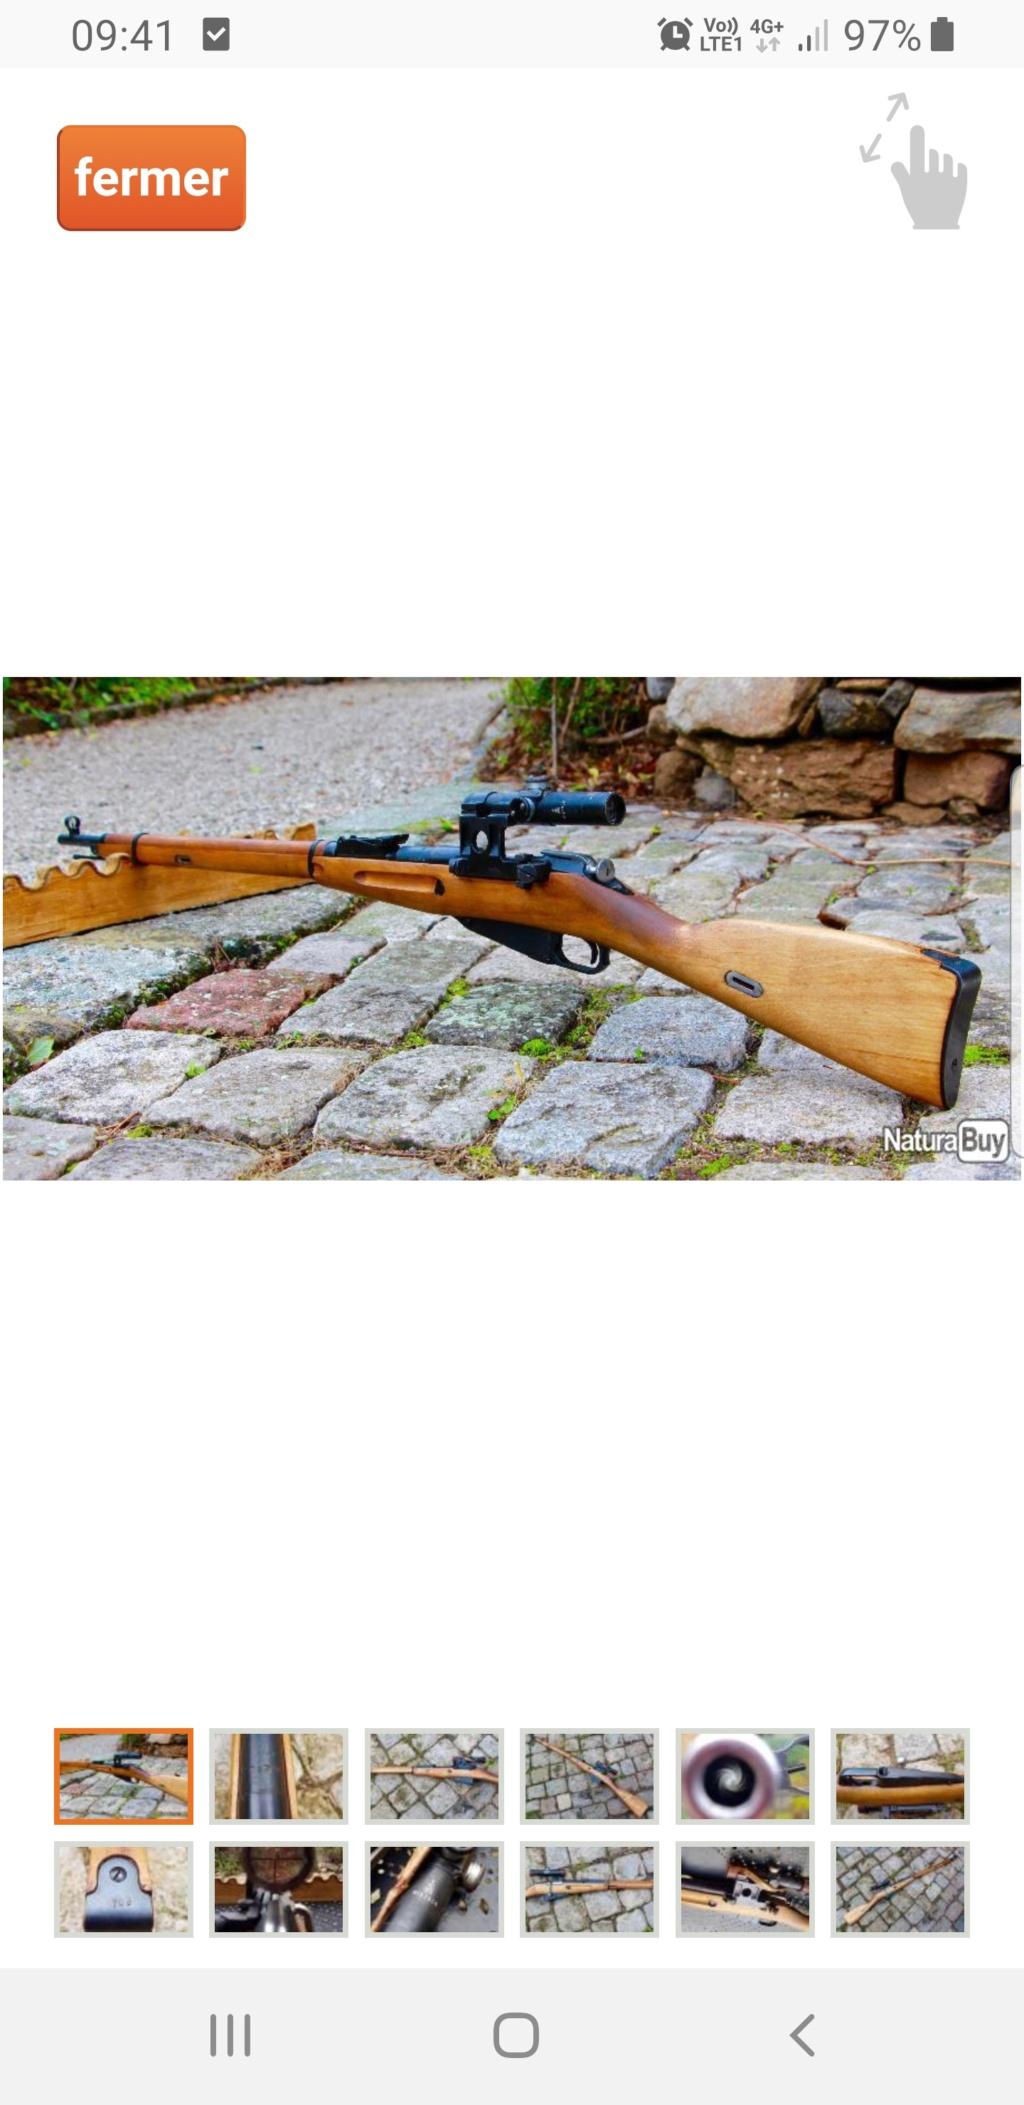 Mosin nagant sniper tulsky  - Page 3 Screen12